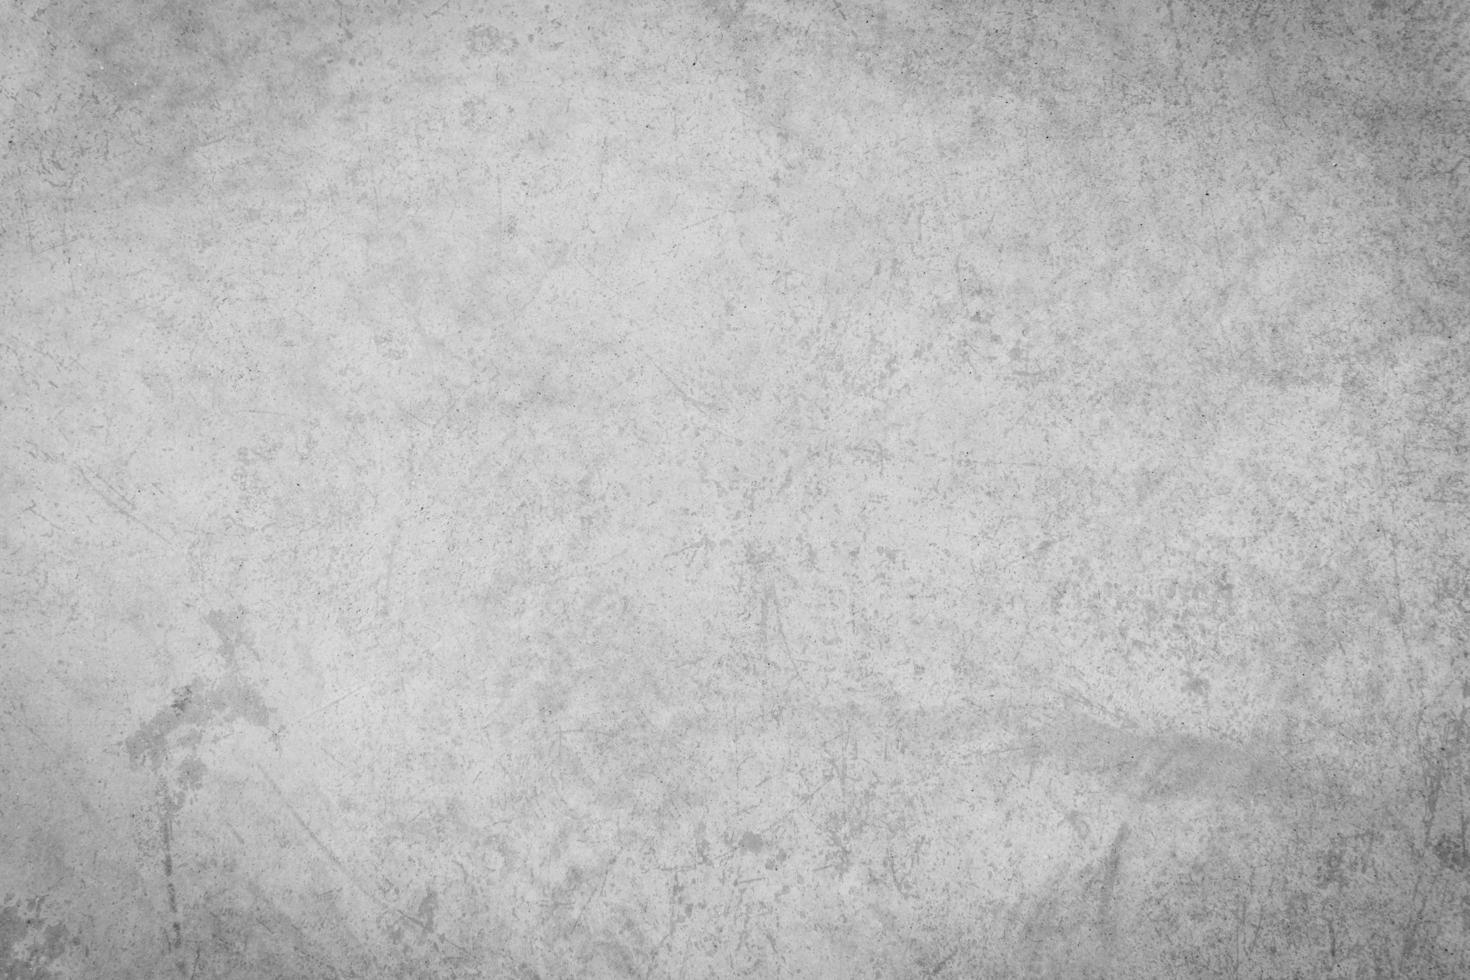 vista superior de una superficie de hormigón gris foto